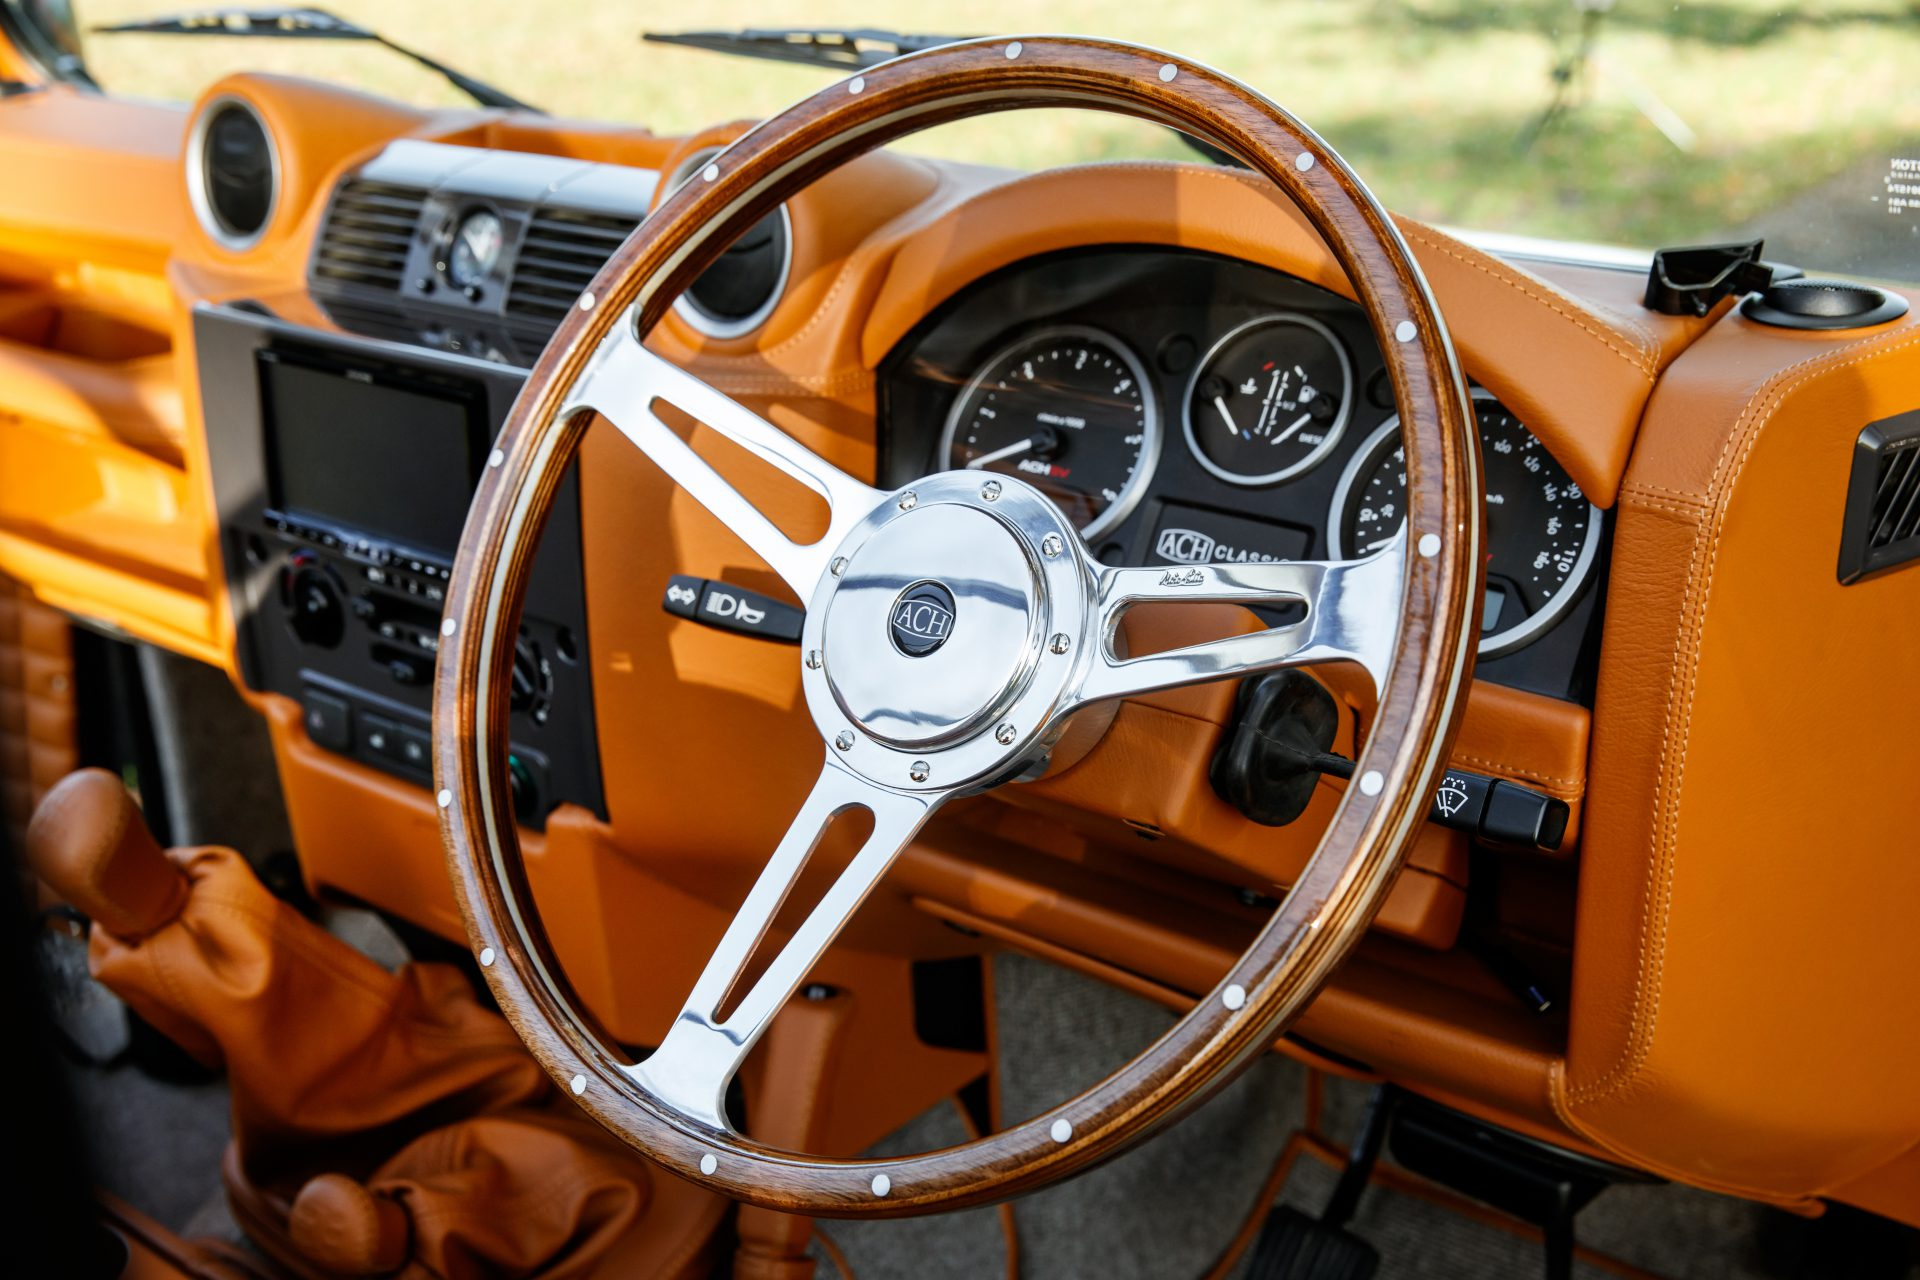 ACH Classic Interior Leather Trim